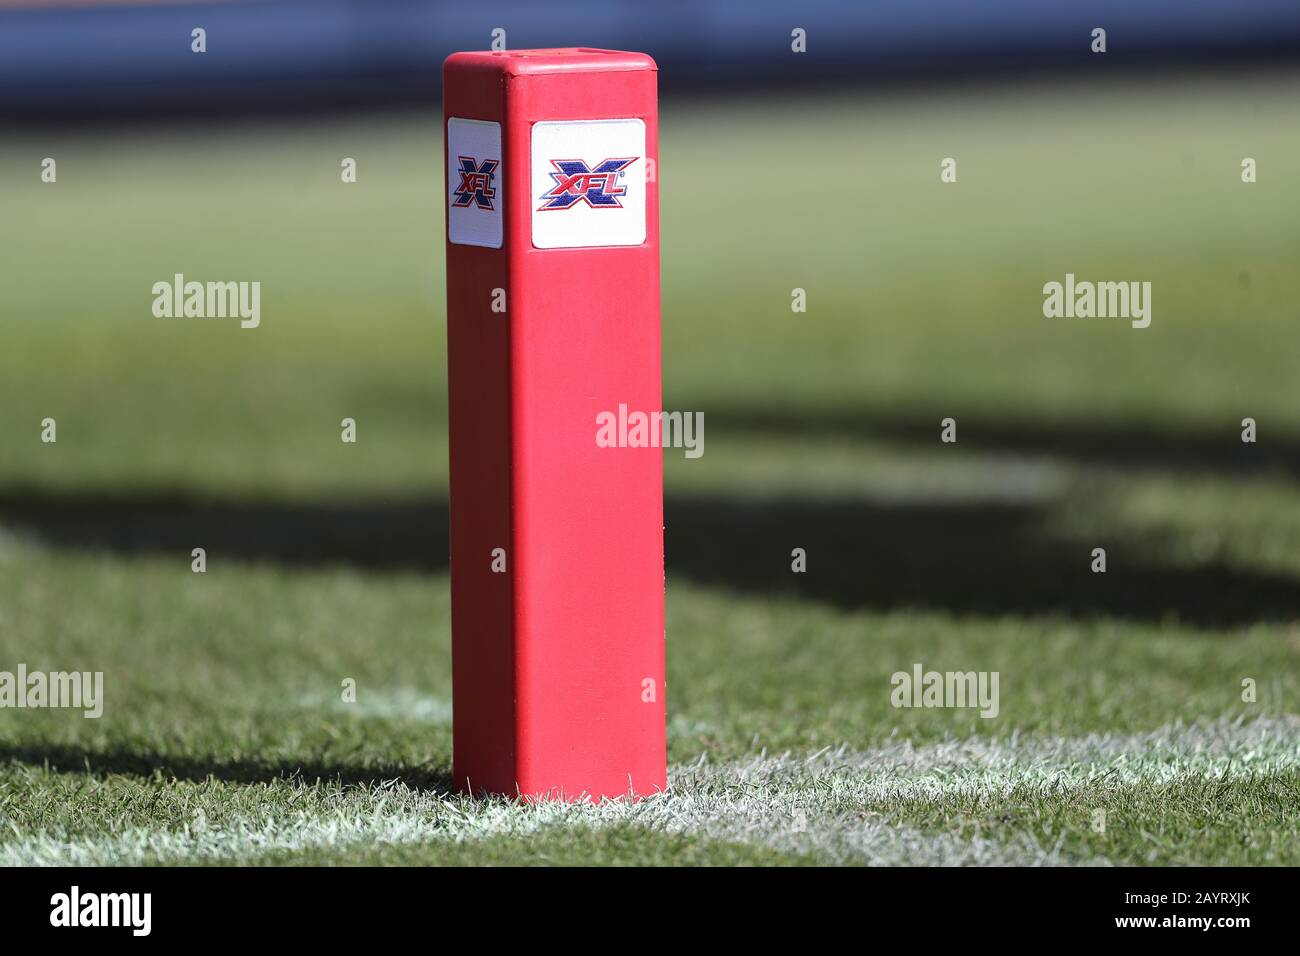 Febrero 16, 2020: XFL pilone de la zona final en el juego entre Dallas Renegades y los Angeles Wildcats, Dignity Health Sports Park, Carson, CA. Peter Joneleit/CSM Foto de stock